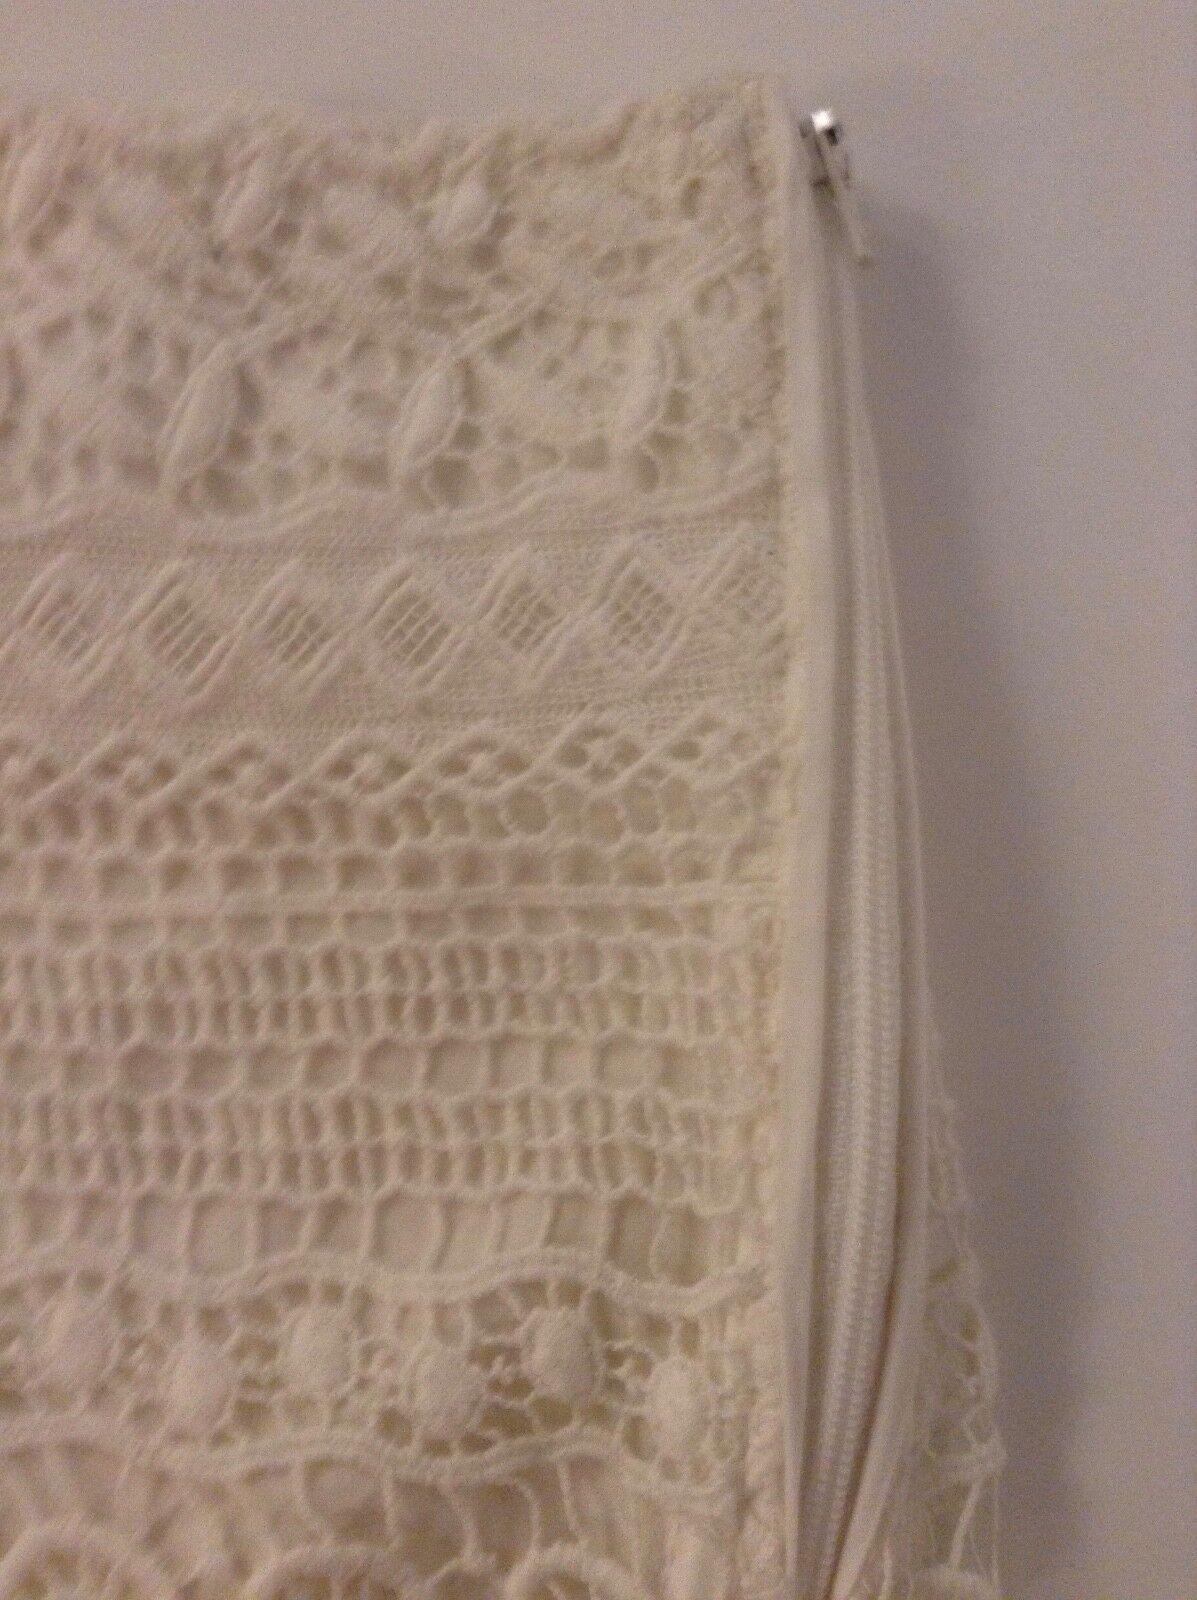 NUOVO senza etichette Paulie, Paulie, Paulie, Parigi Bianco Cotone Pizzo all'Uncinetto Pantaloncini Elegante & provocante Foderato Nuovo 352690